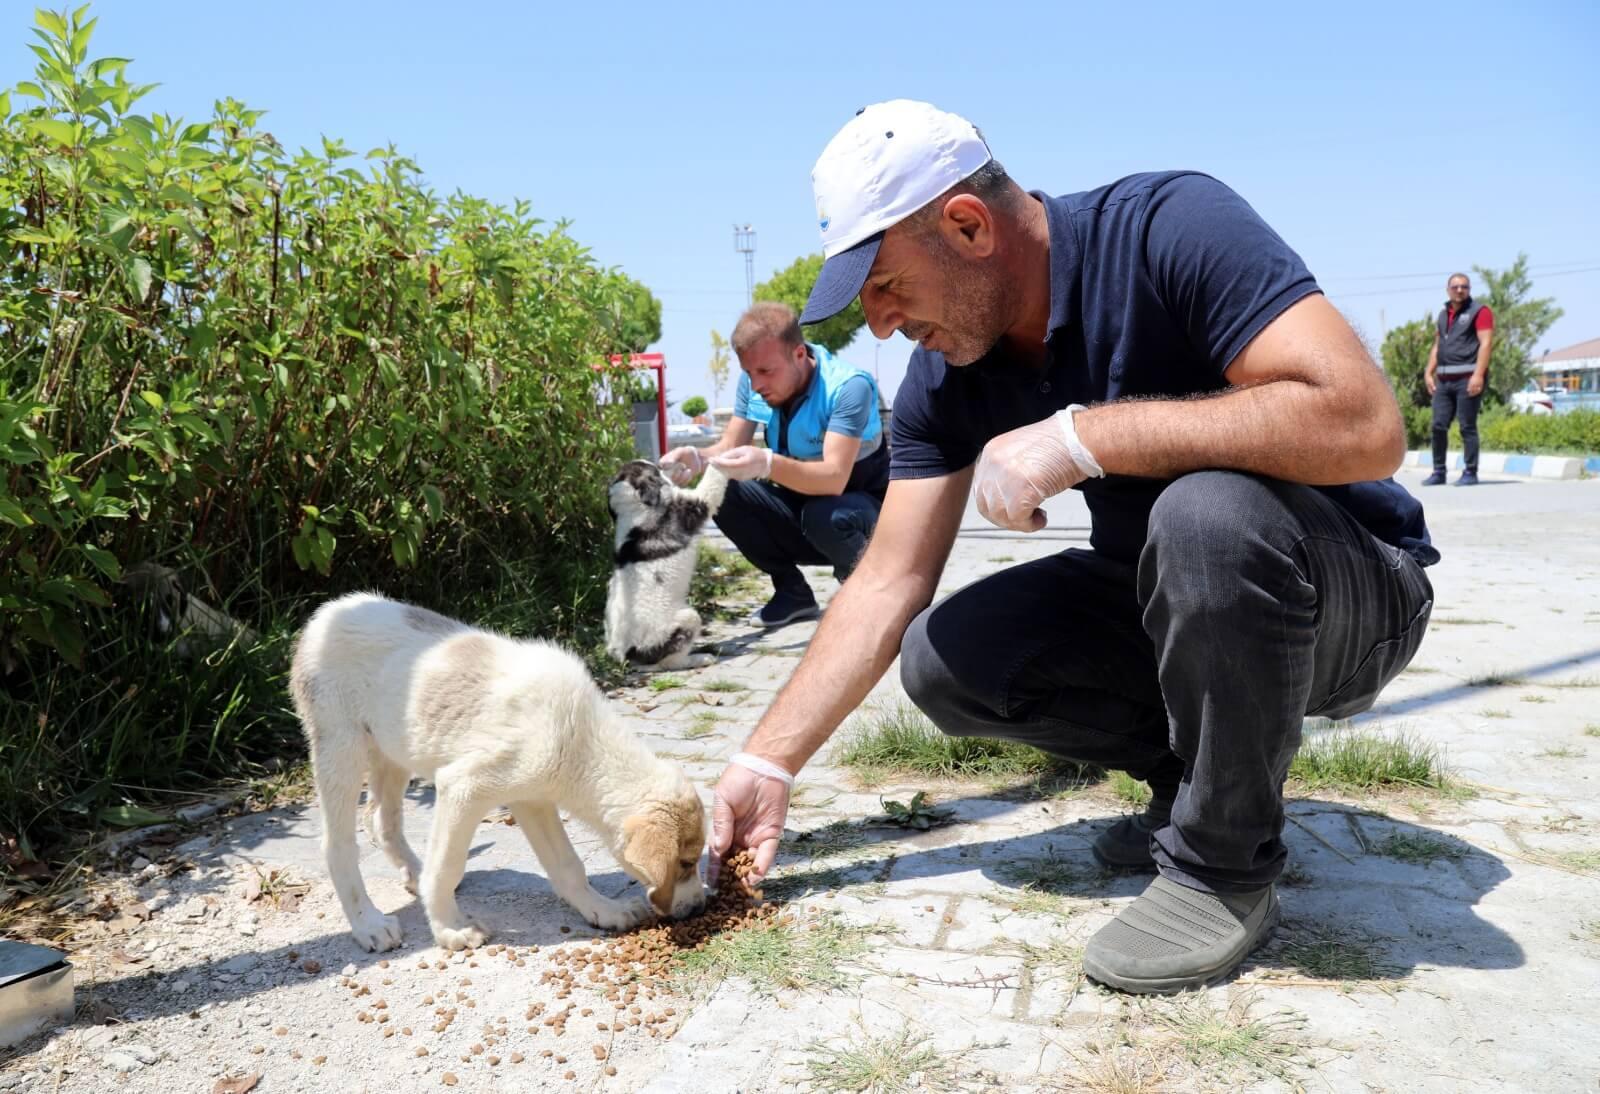 Yavru sokak köpeği dağıtılan mamalardan yiyor.